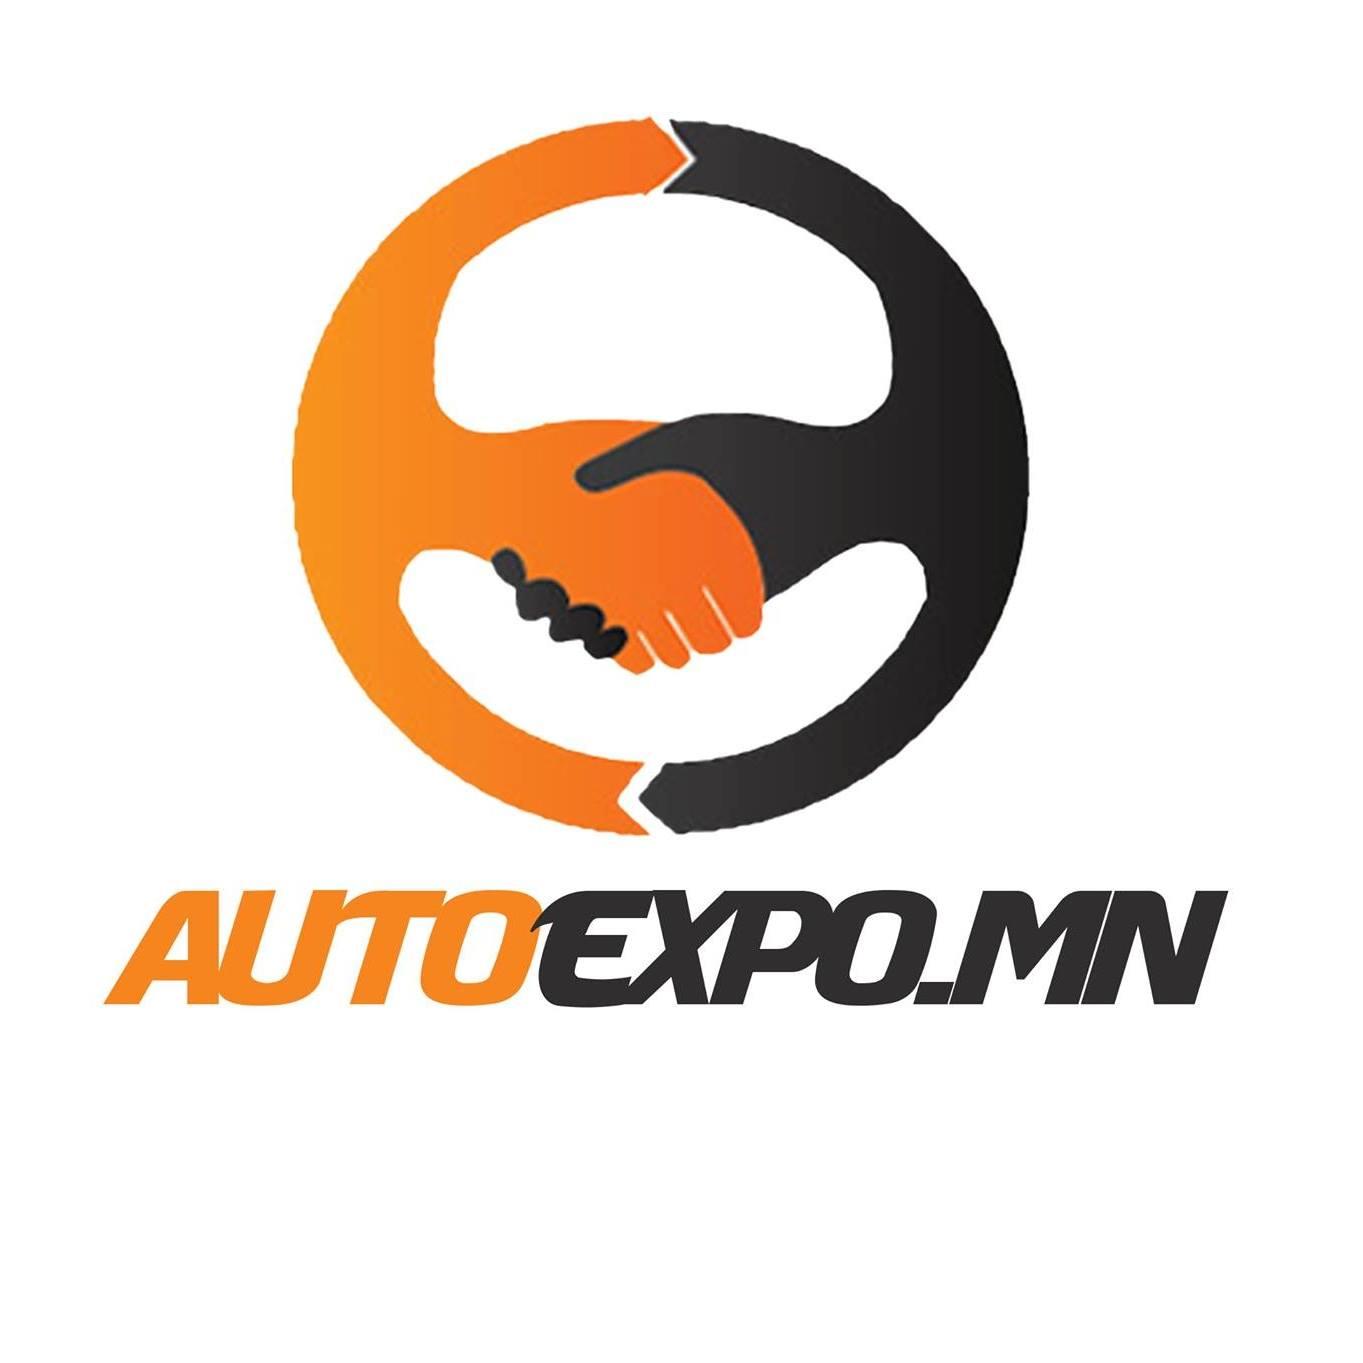 AutoExpo.mn